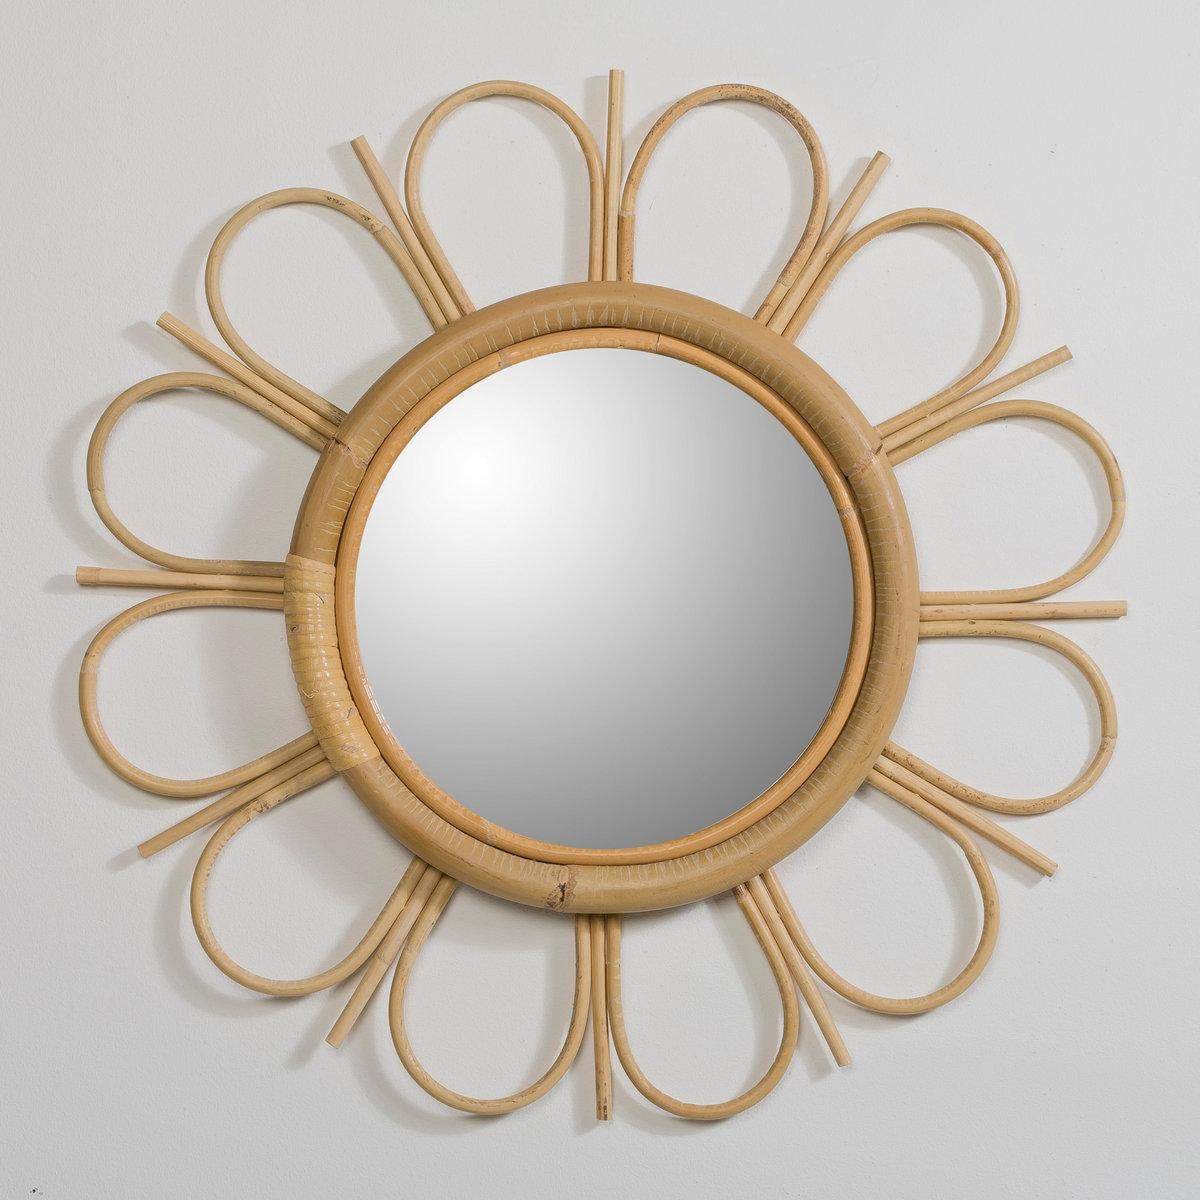 Зеркало La Redoute Из ротанга Yasu единый размер бежевый зеркало la redoute квадратное из ротанга ш x в см tarsile единый размер бежевый